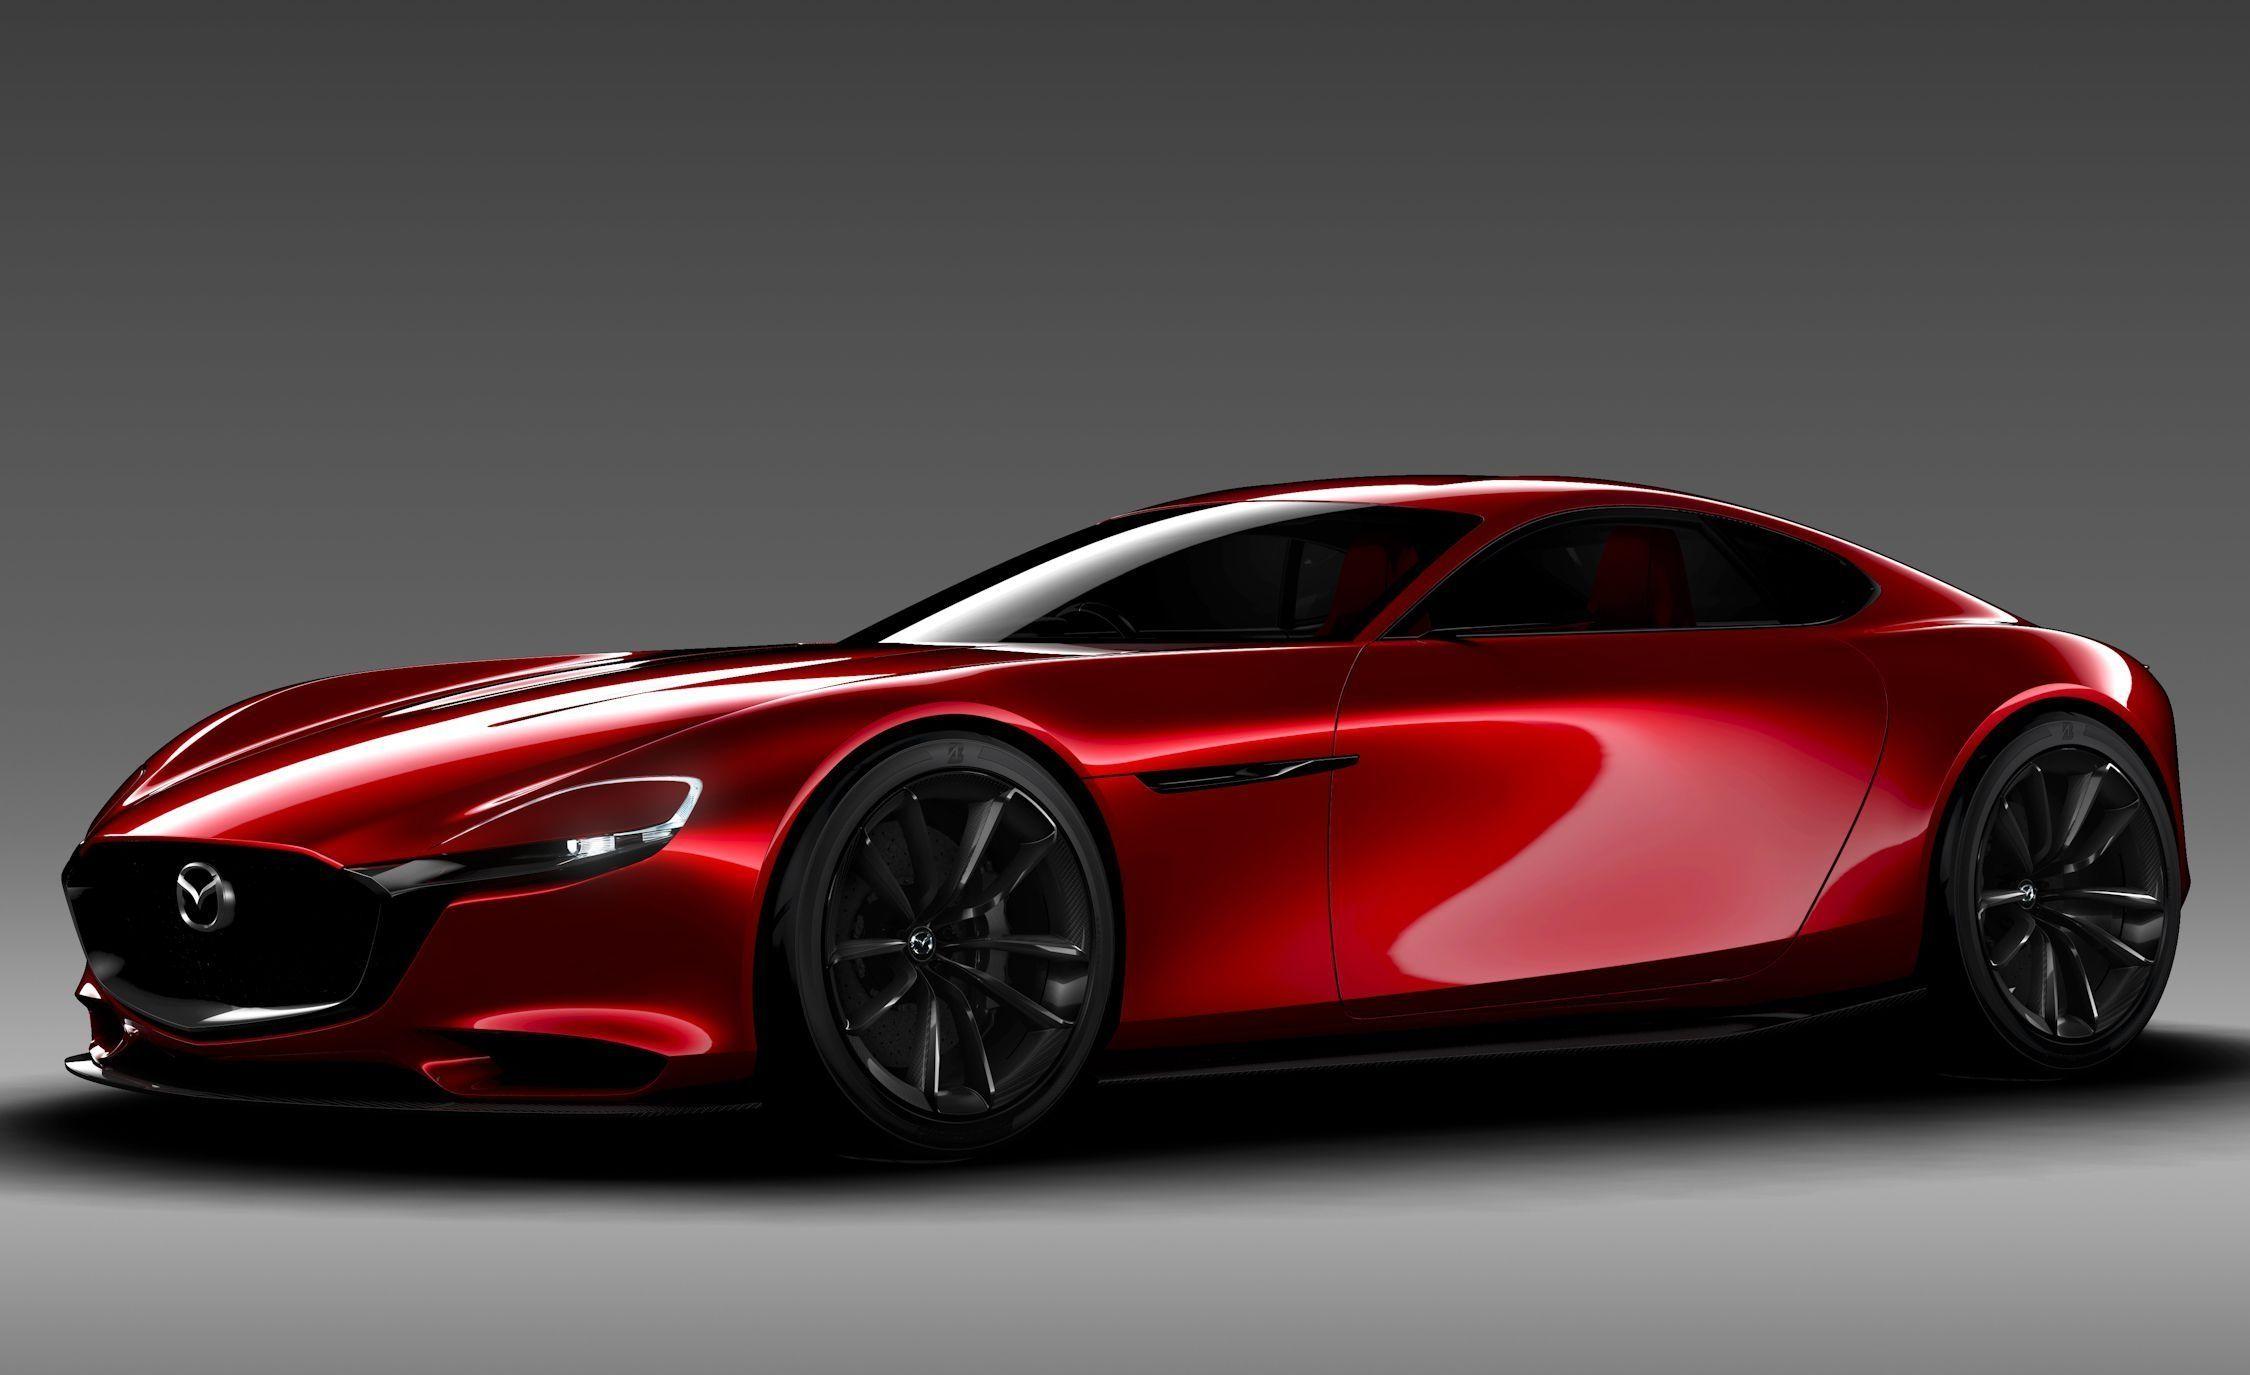 Best 2020 Mazda Rx7 Specs Auto Carros Carros Esportivos